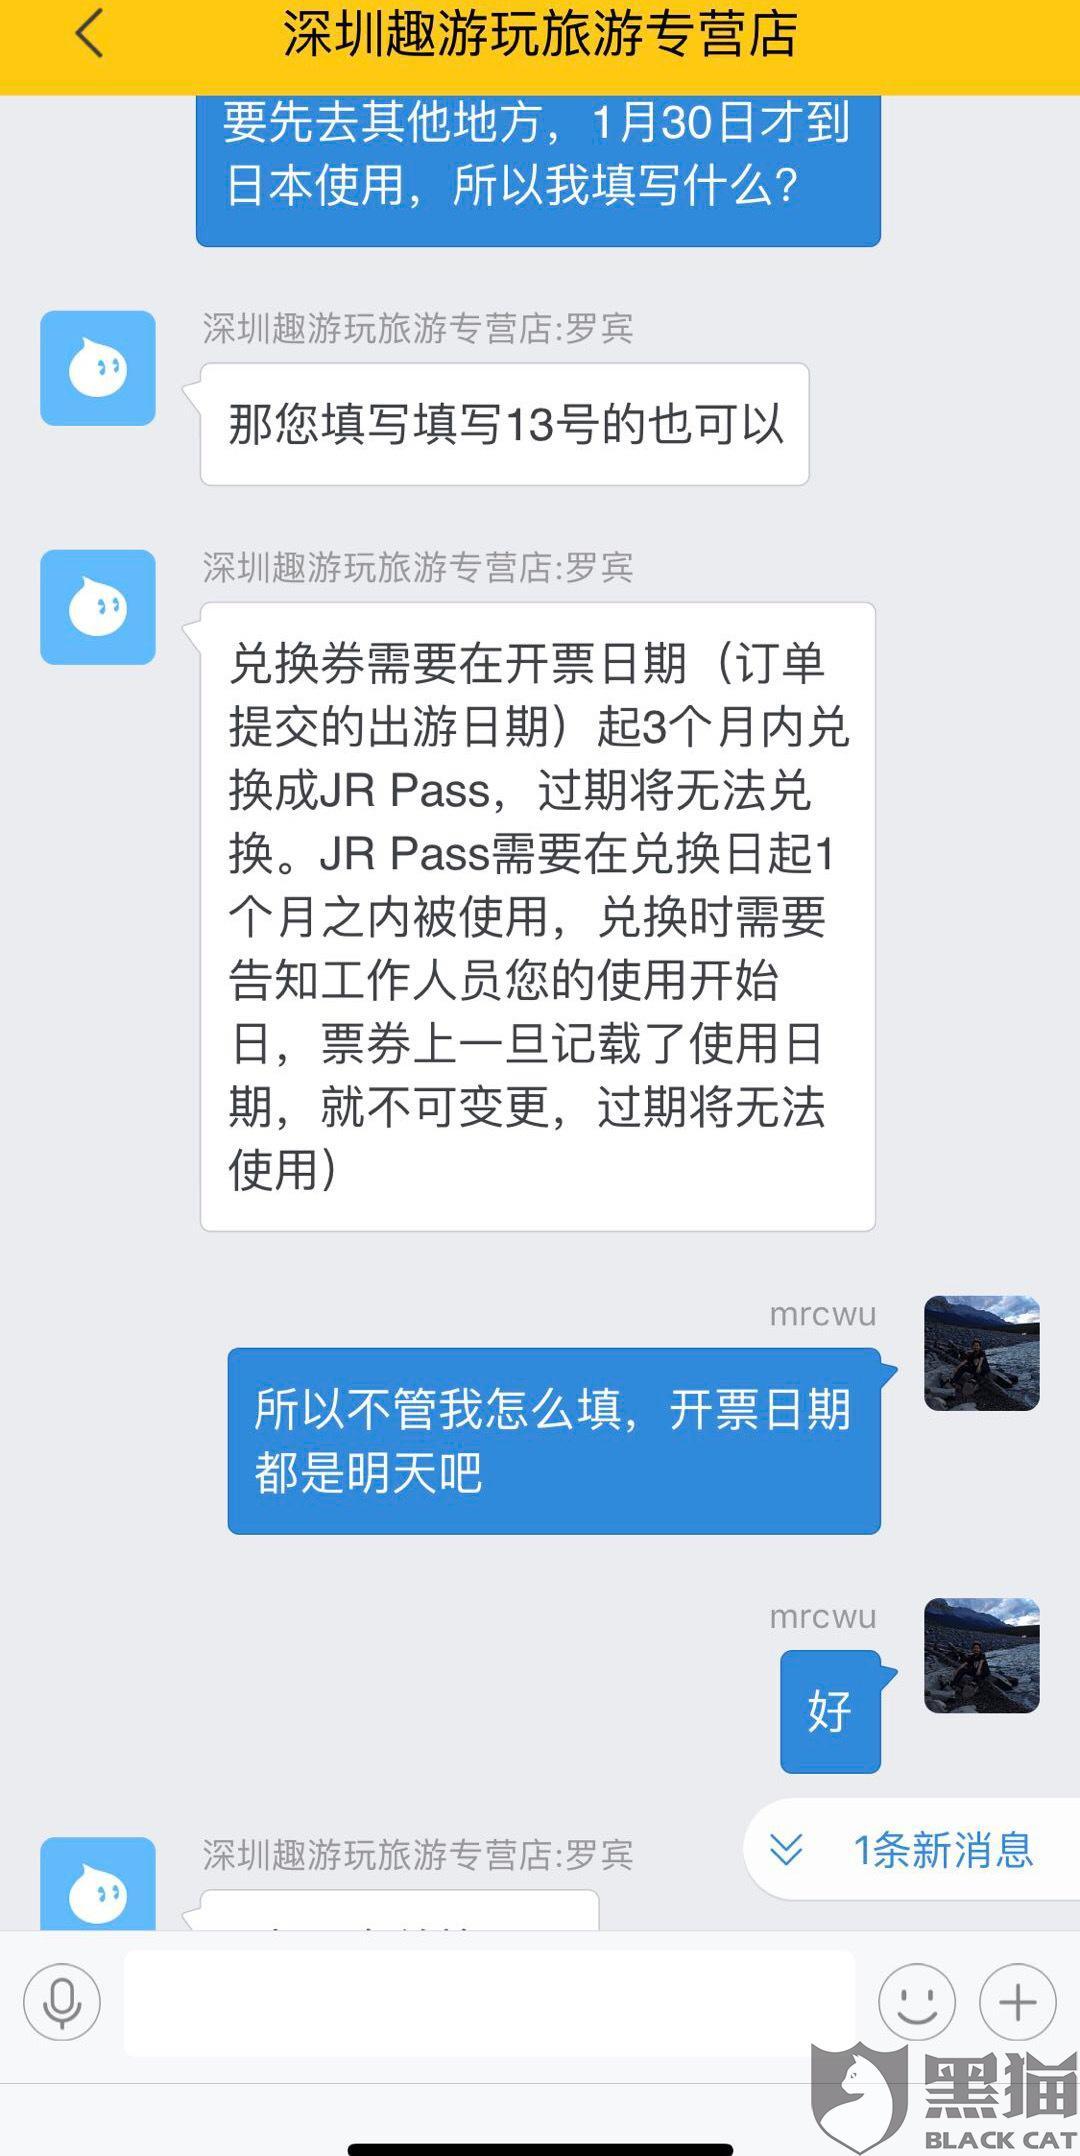 黑猫投诉:投诉飞猪卖家:深圳趣游玩旅游专营店